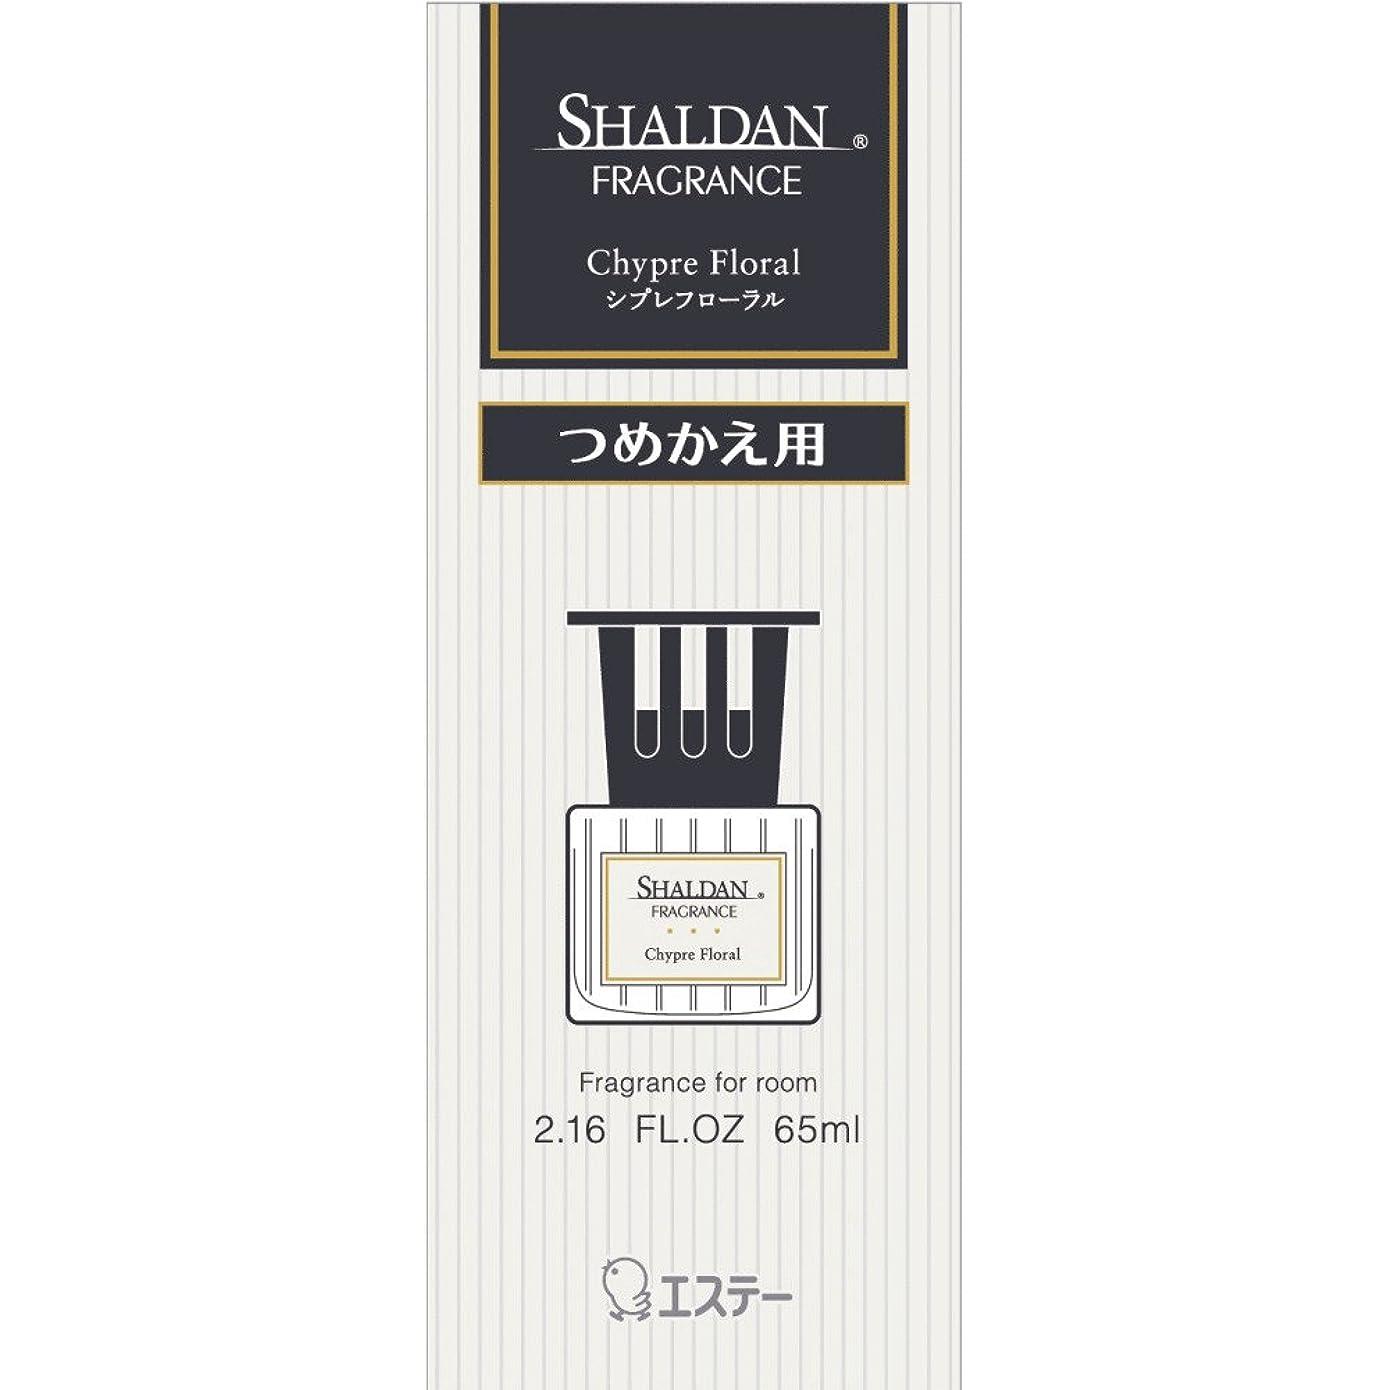 タンカーのために休眠シャルダン SHALDAN フレグランス 消臭芳香剤 部屋用 つめかえ シプレフローラル 65ml